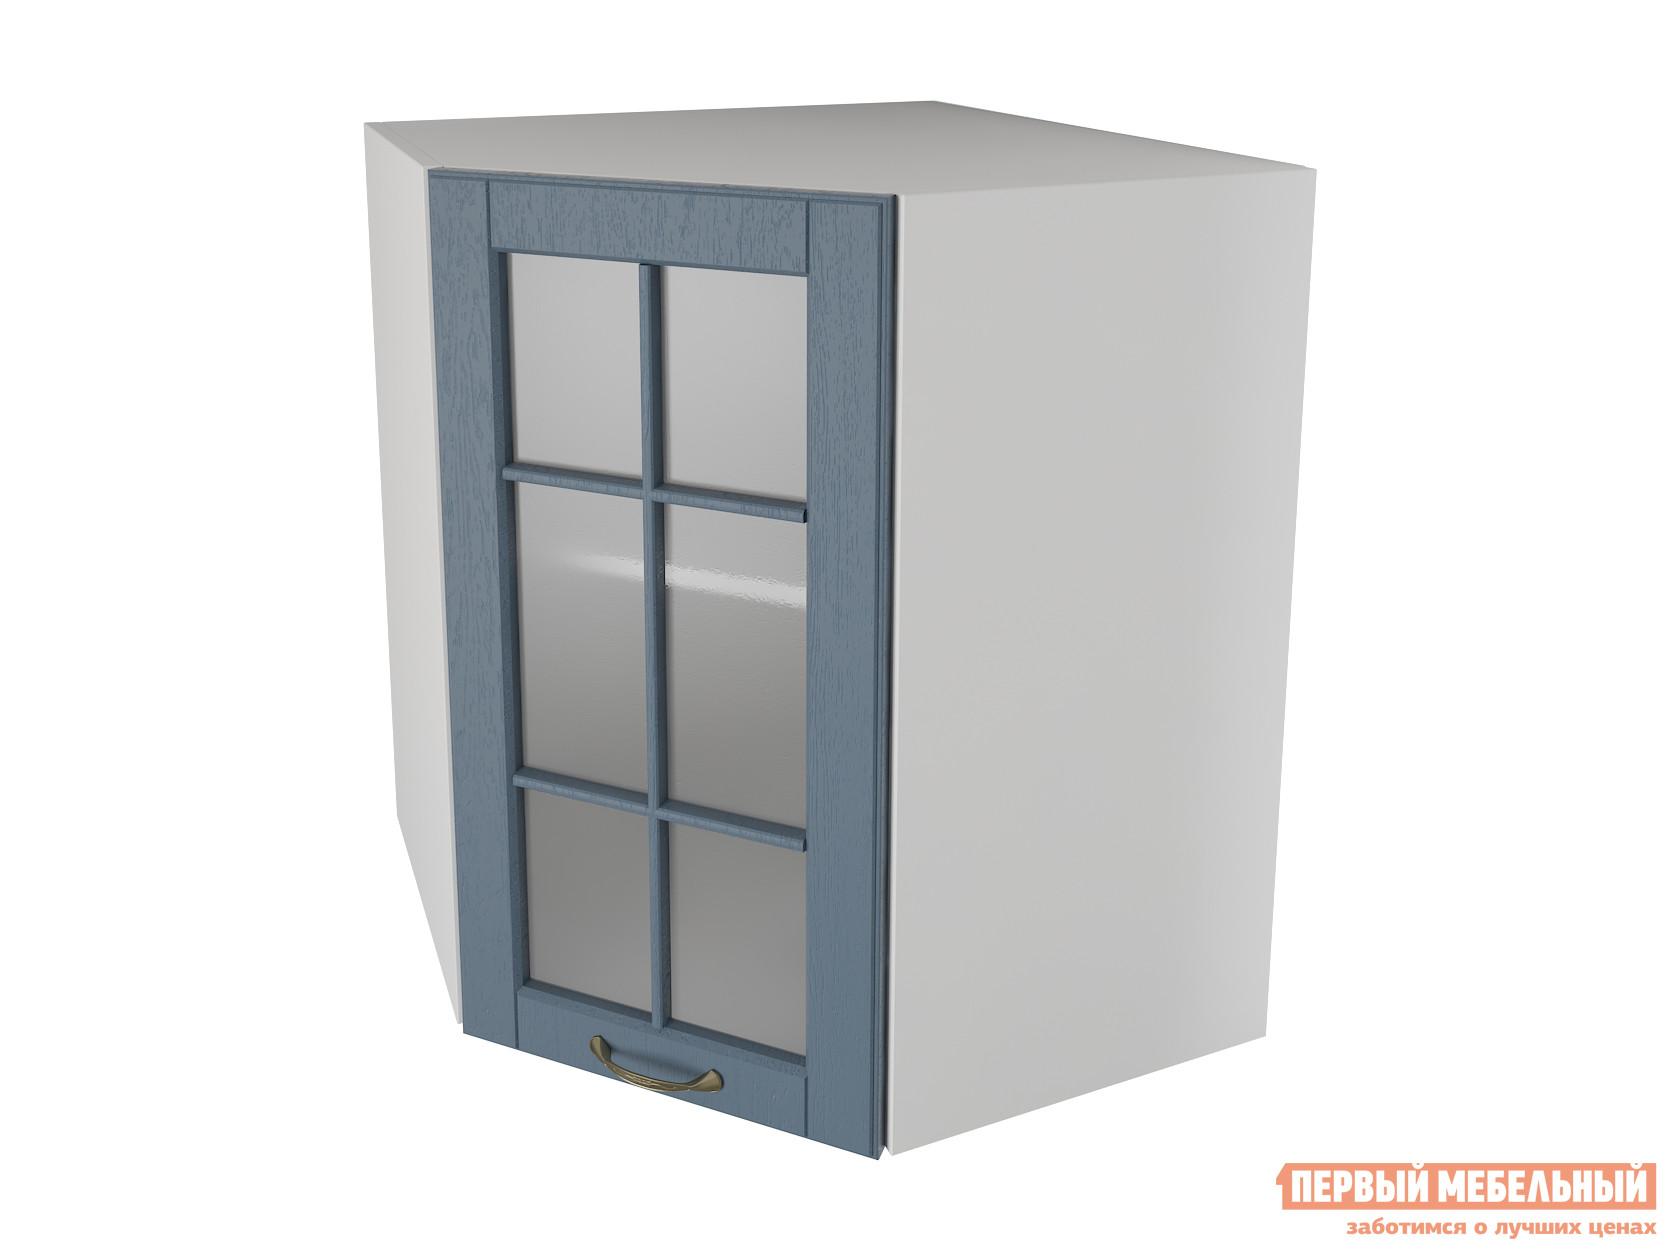 Кухонный модуль Первый Мебельный Шкаф угловой трапеция 1 дверь со стеклом 60 см Палермо